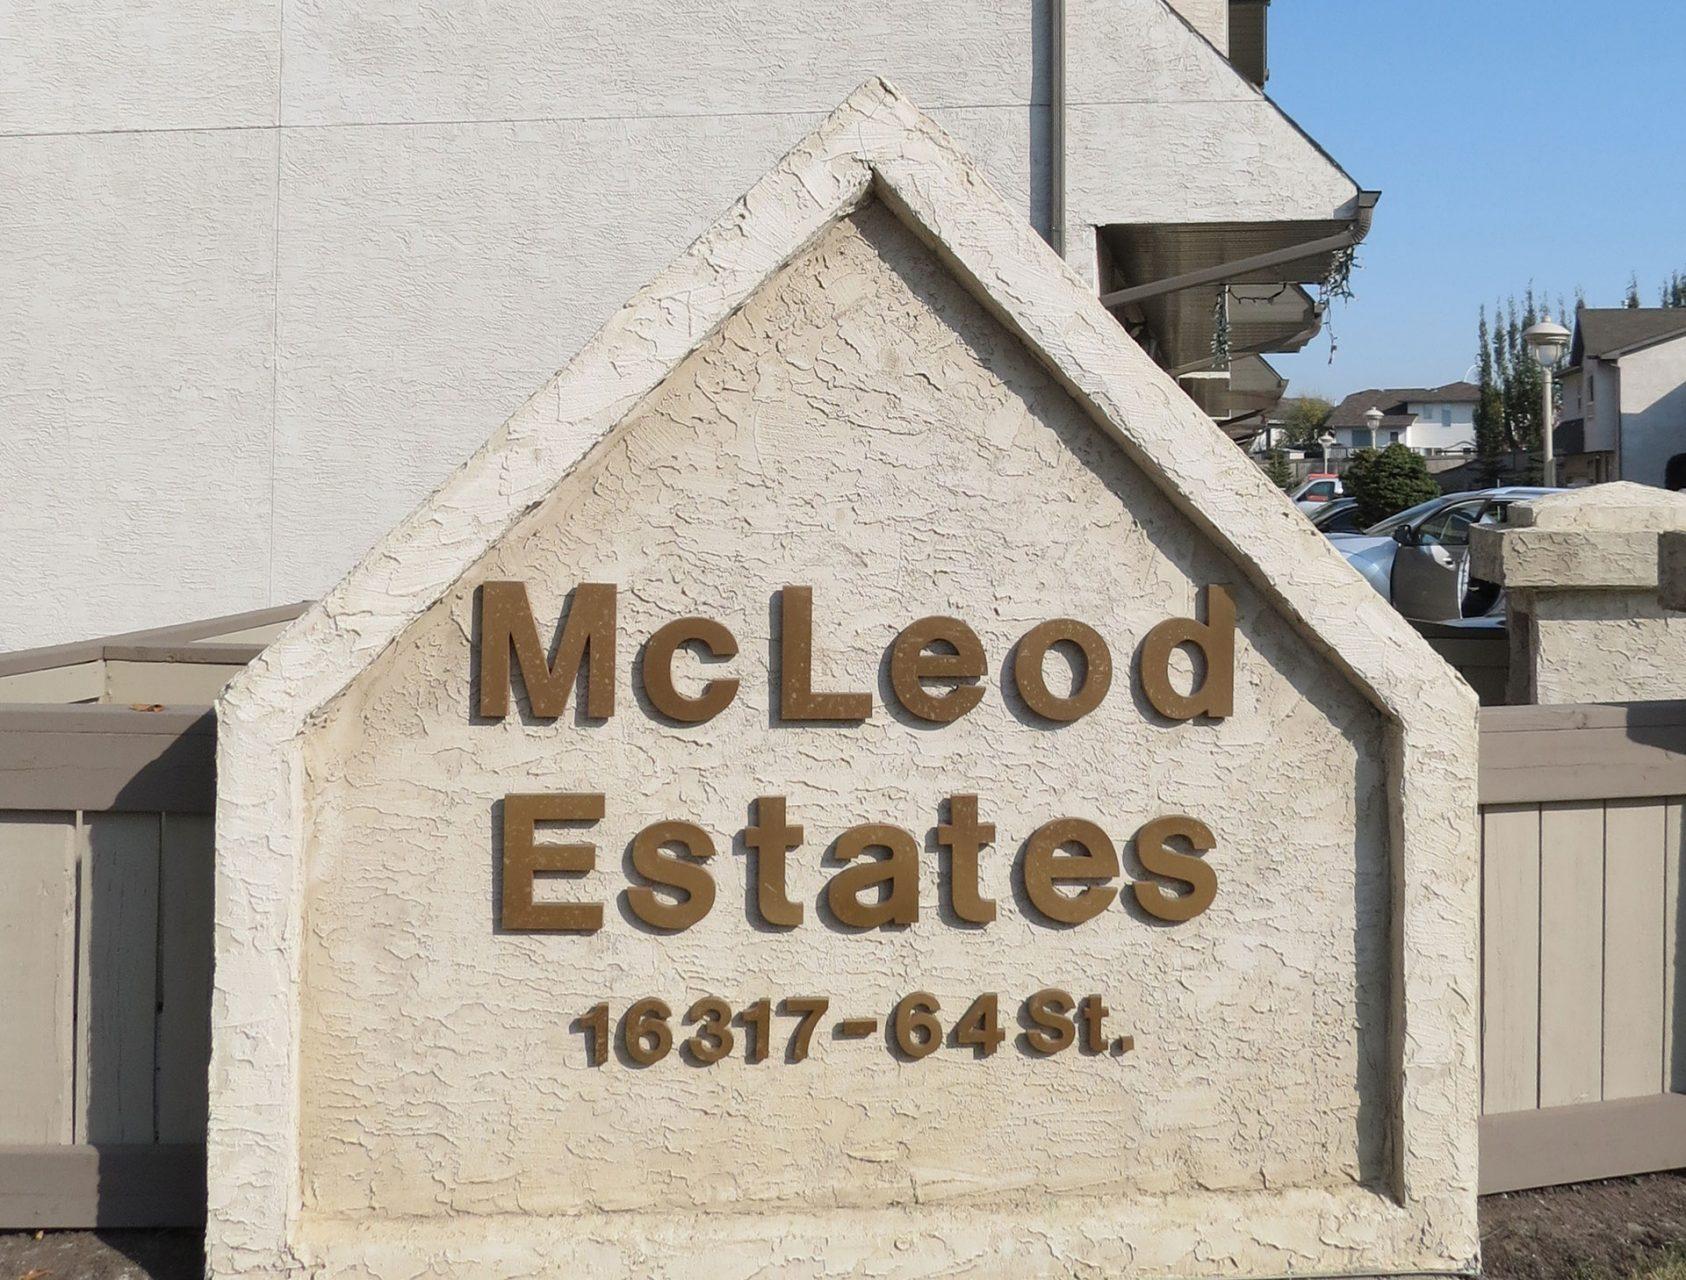 CS Management Inc. - McLeod Estates Condominiums